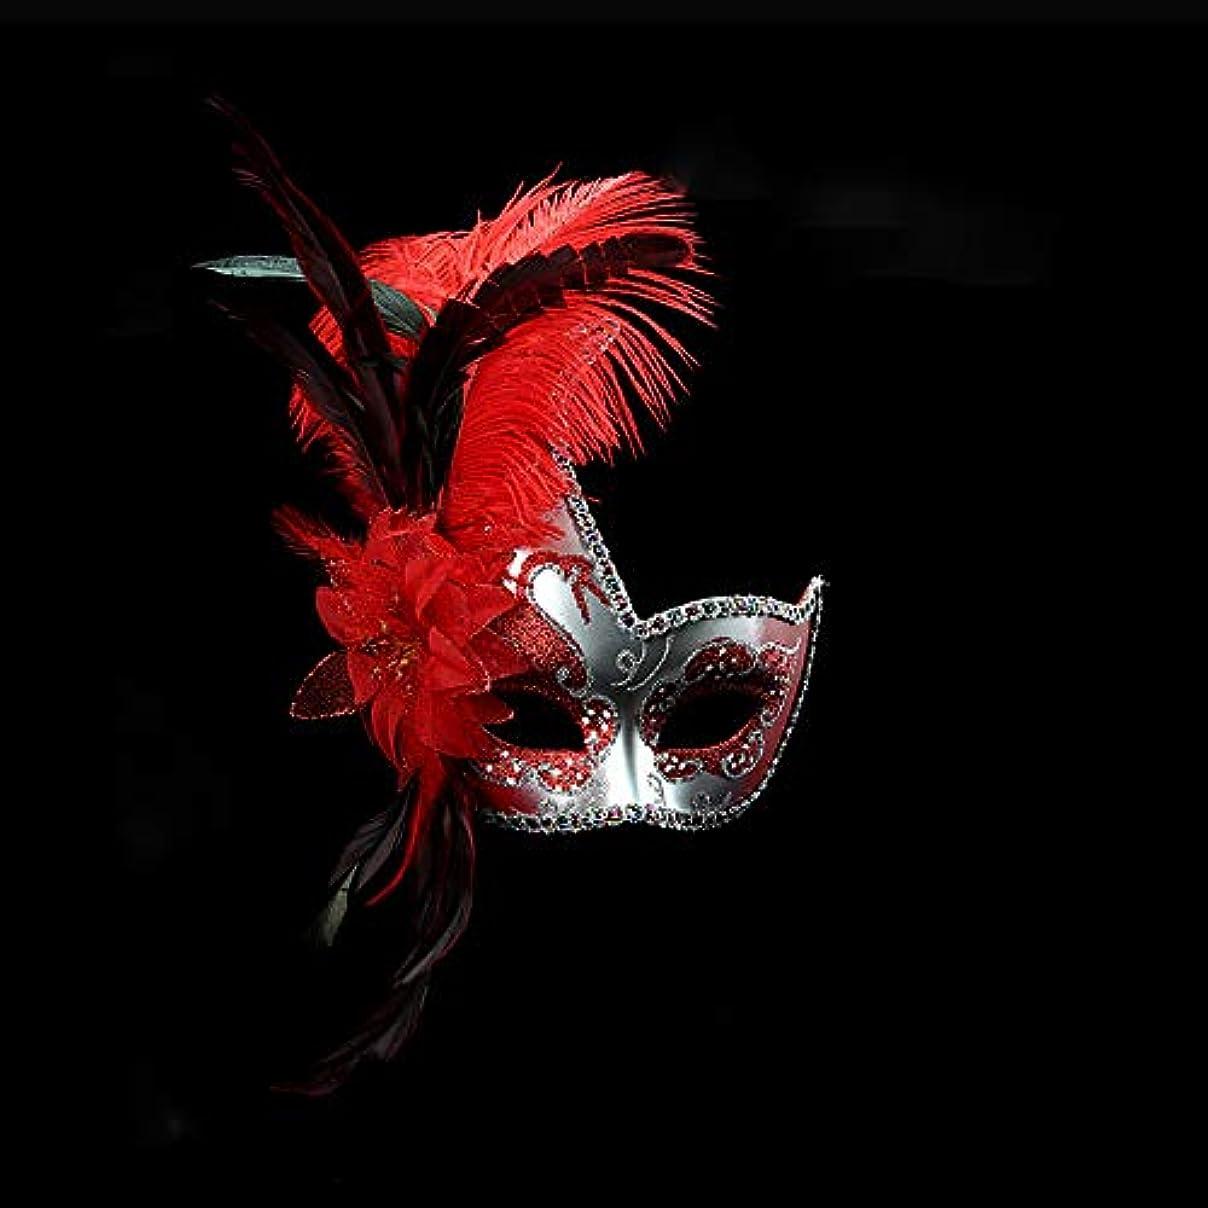 ディンカルビルモスククラシカルNanle ハロウィンマスクハーフフェザーマスクベニスプリンセスマスク美容レース仮面ライダーコスプレ (色 : Red)